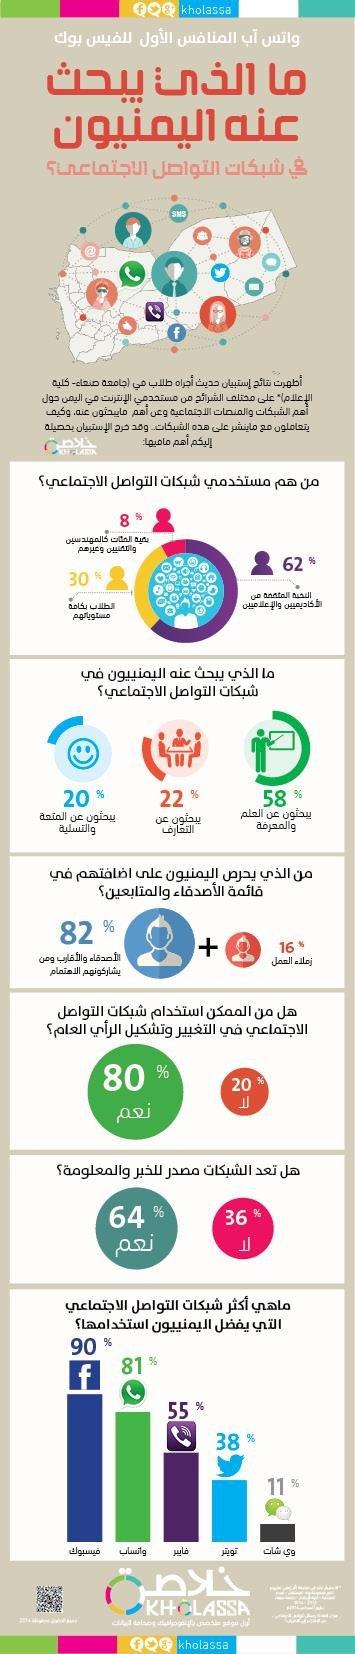 ما الذي يبحث عنه اليمنيون في شبكات التواصل الاجتماعي #انفوجرافيك